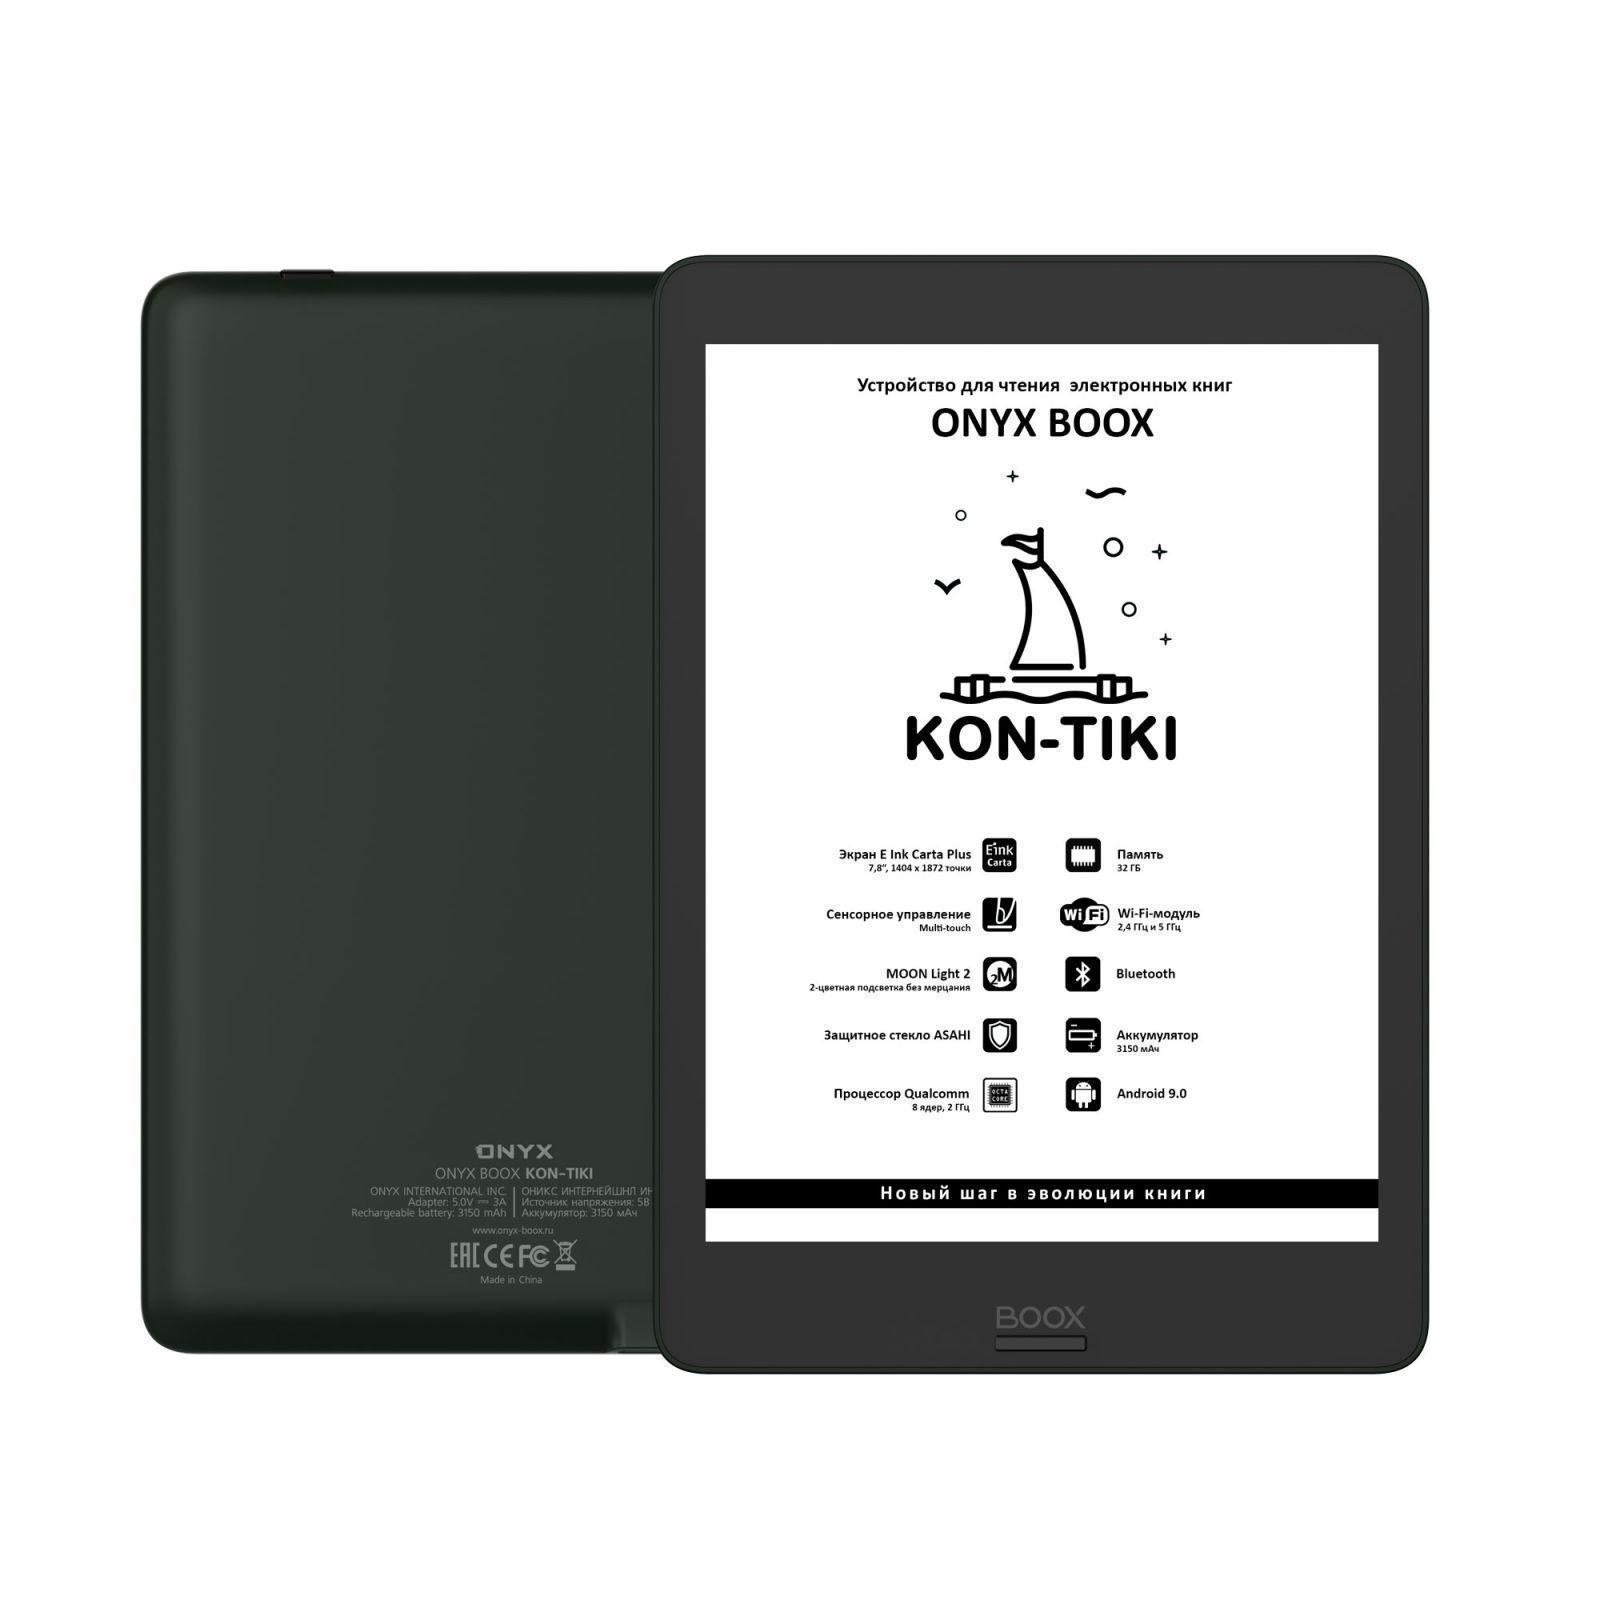 ONYX BOOX представили новый букридер Kon-Tiki для российского рынка (kon)